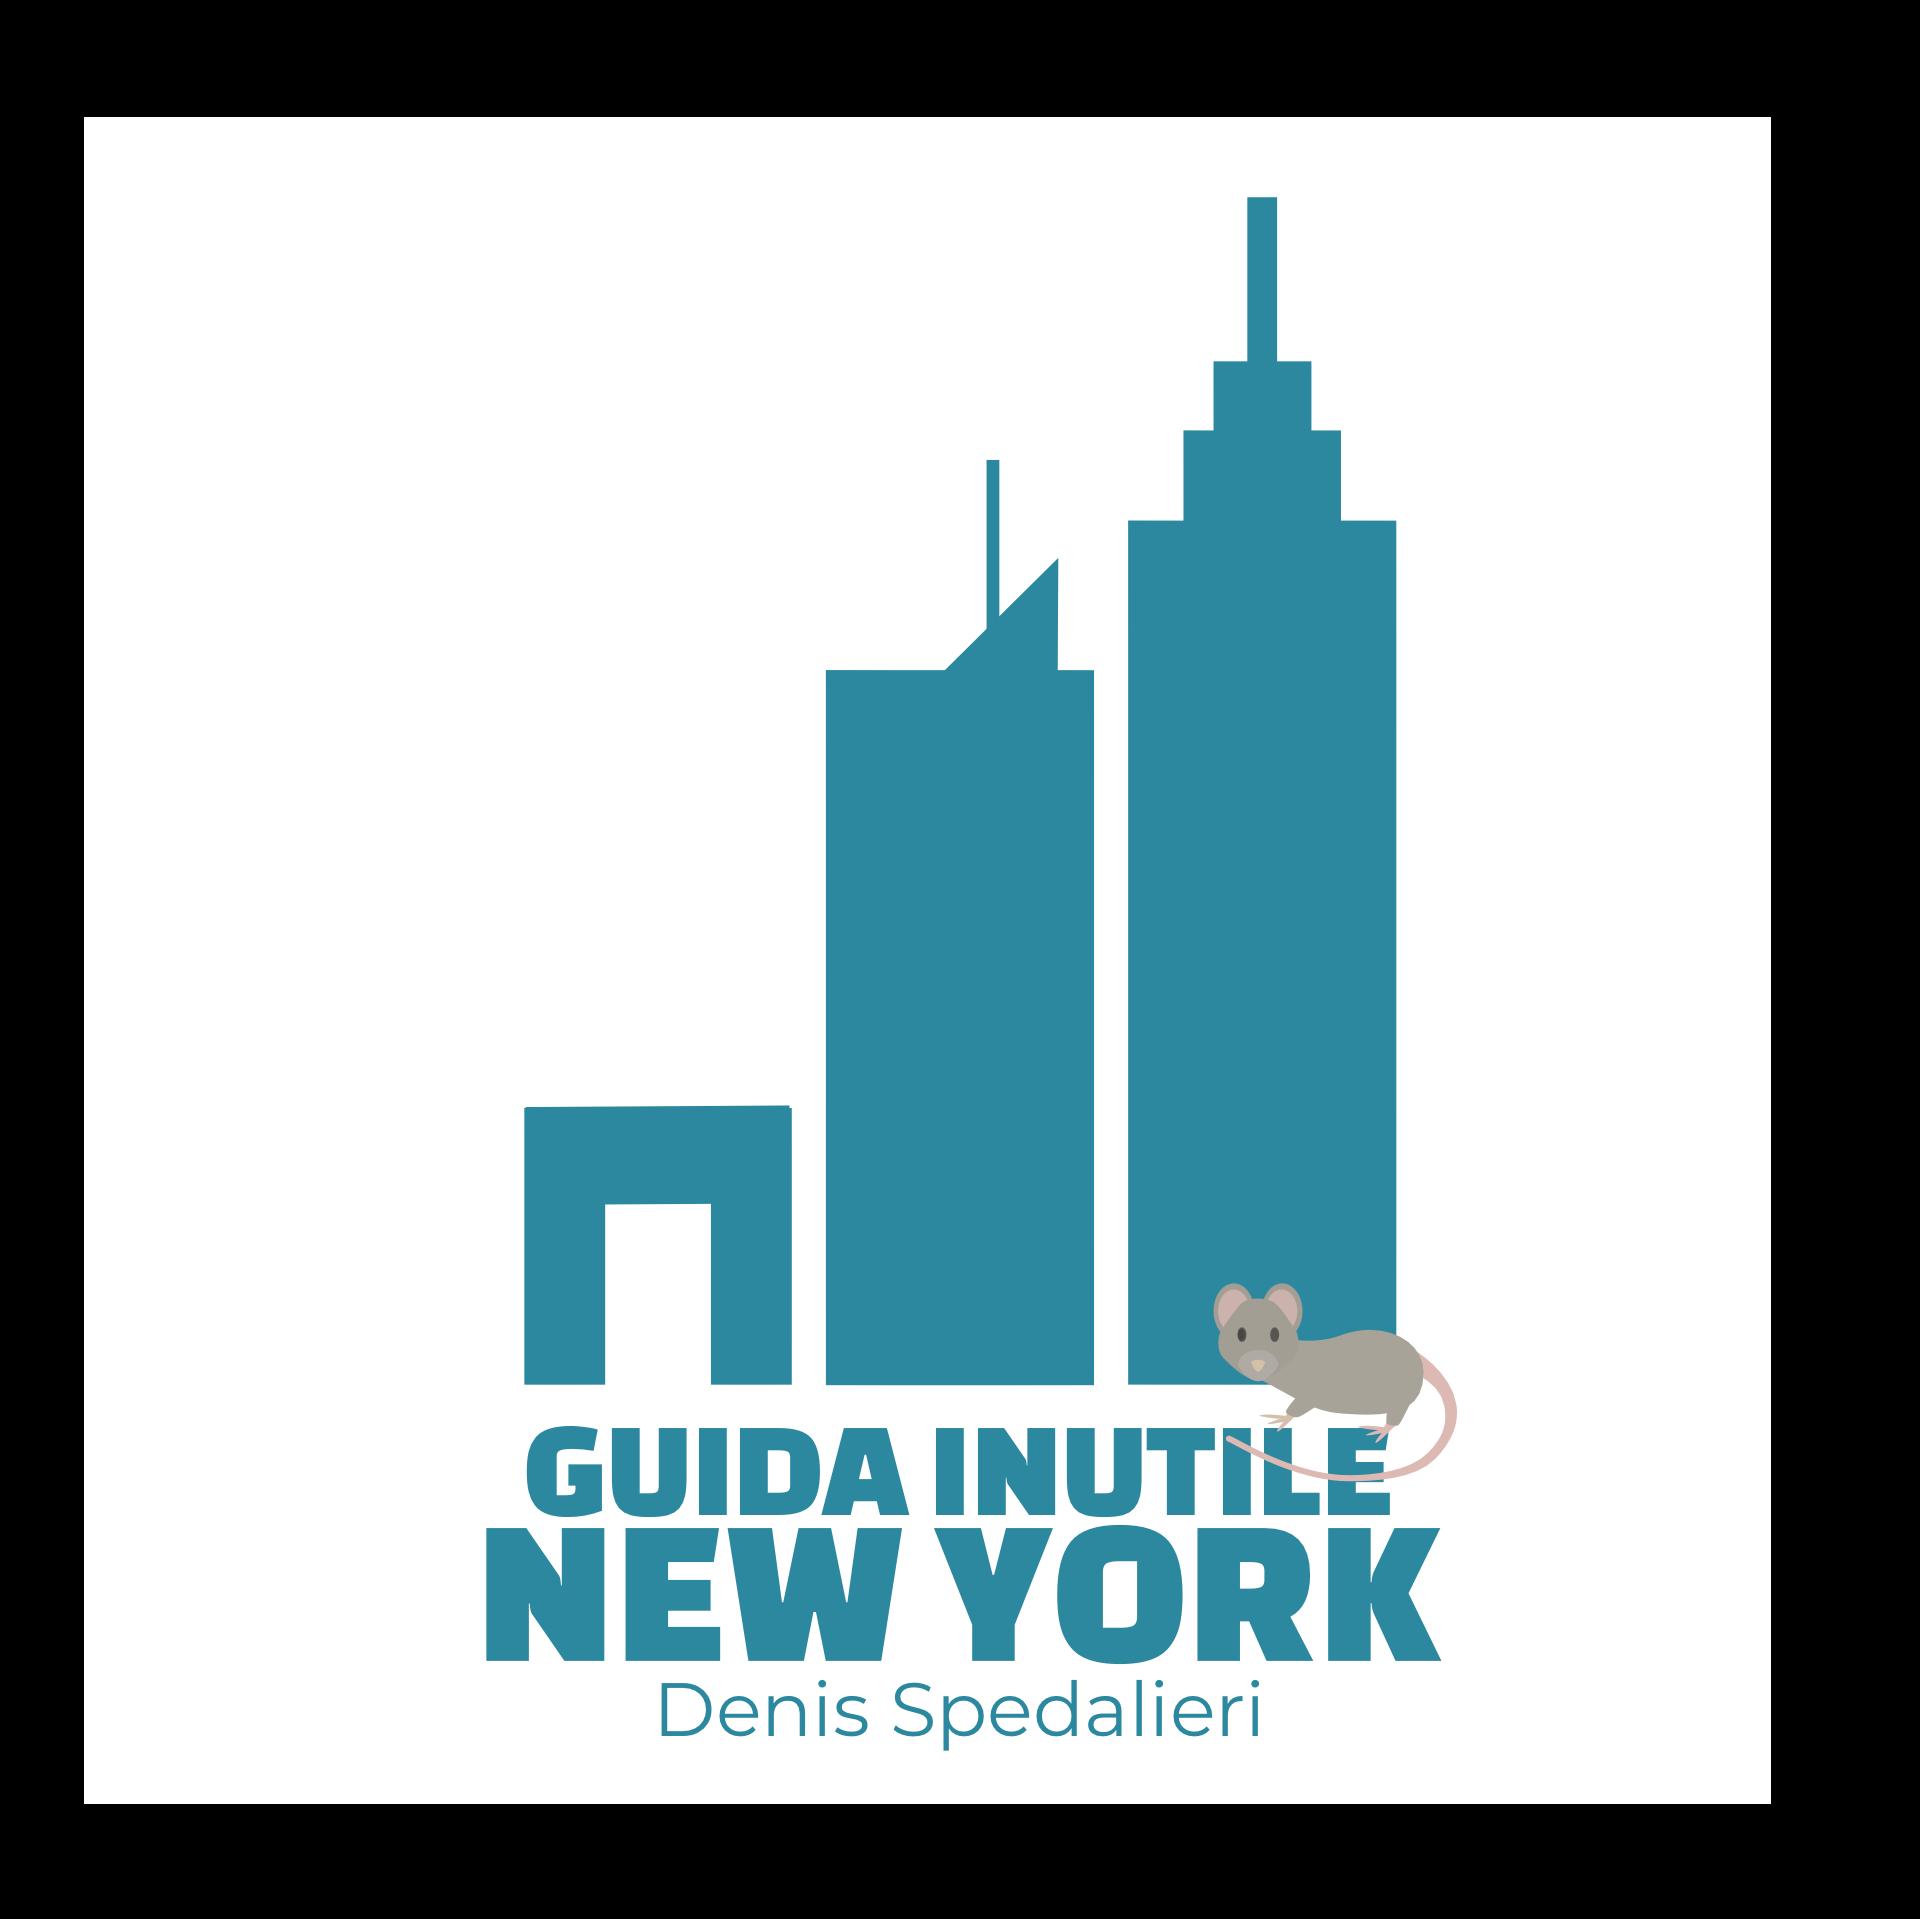 Logo Guida Inutile New York, Miglior Guida di New York, Guida Inutile di New York, Guida Inutile New York, Guida Inutile NYC, Guida Inutile